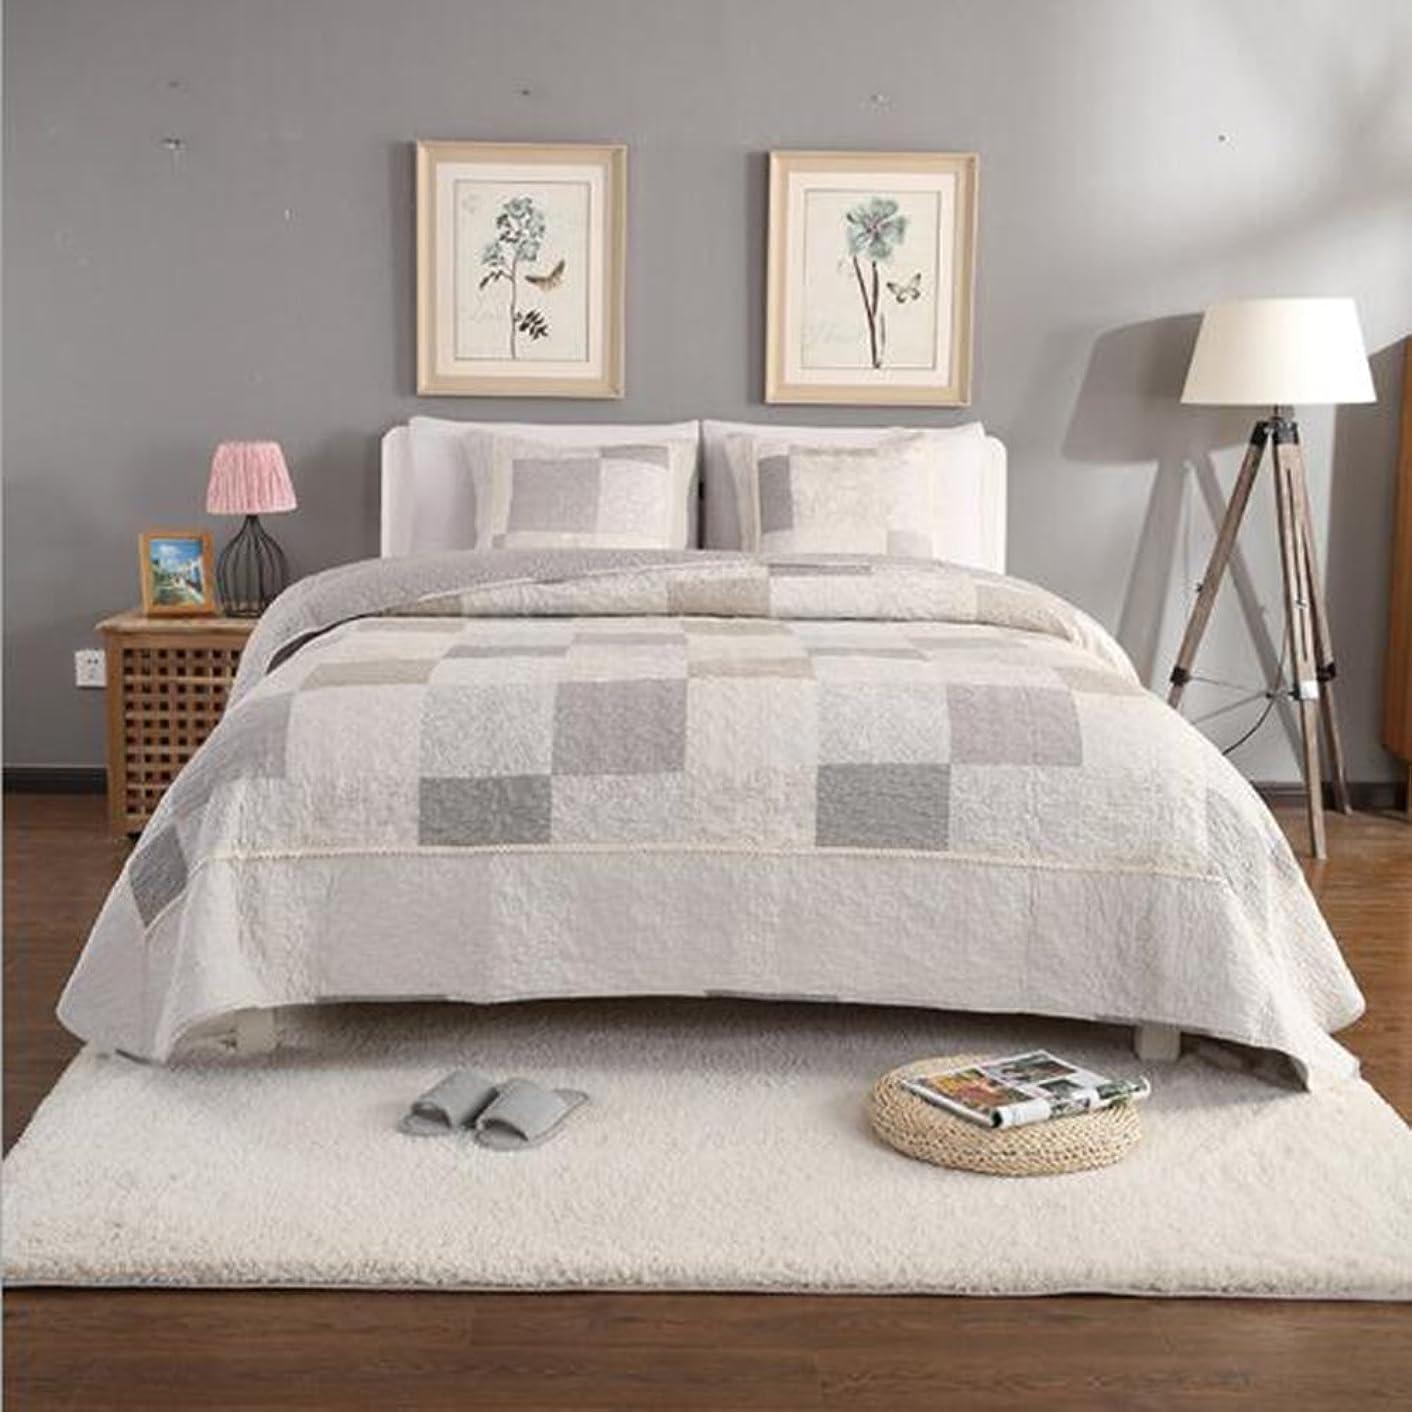 ピンガイドラインリフトベッドカバー ベッドスプレッド マルチ カバー キルト おしゃれ ダブル 綿100% 枕カバー 寝具カバーセット 3点セット/ 四節適用 優しい肌触り-C297(格子)